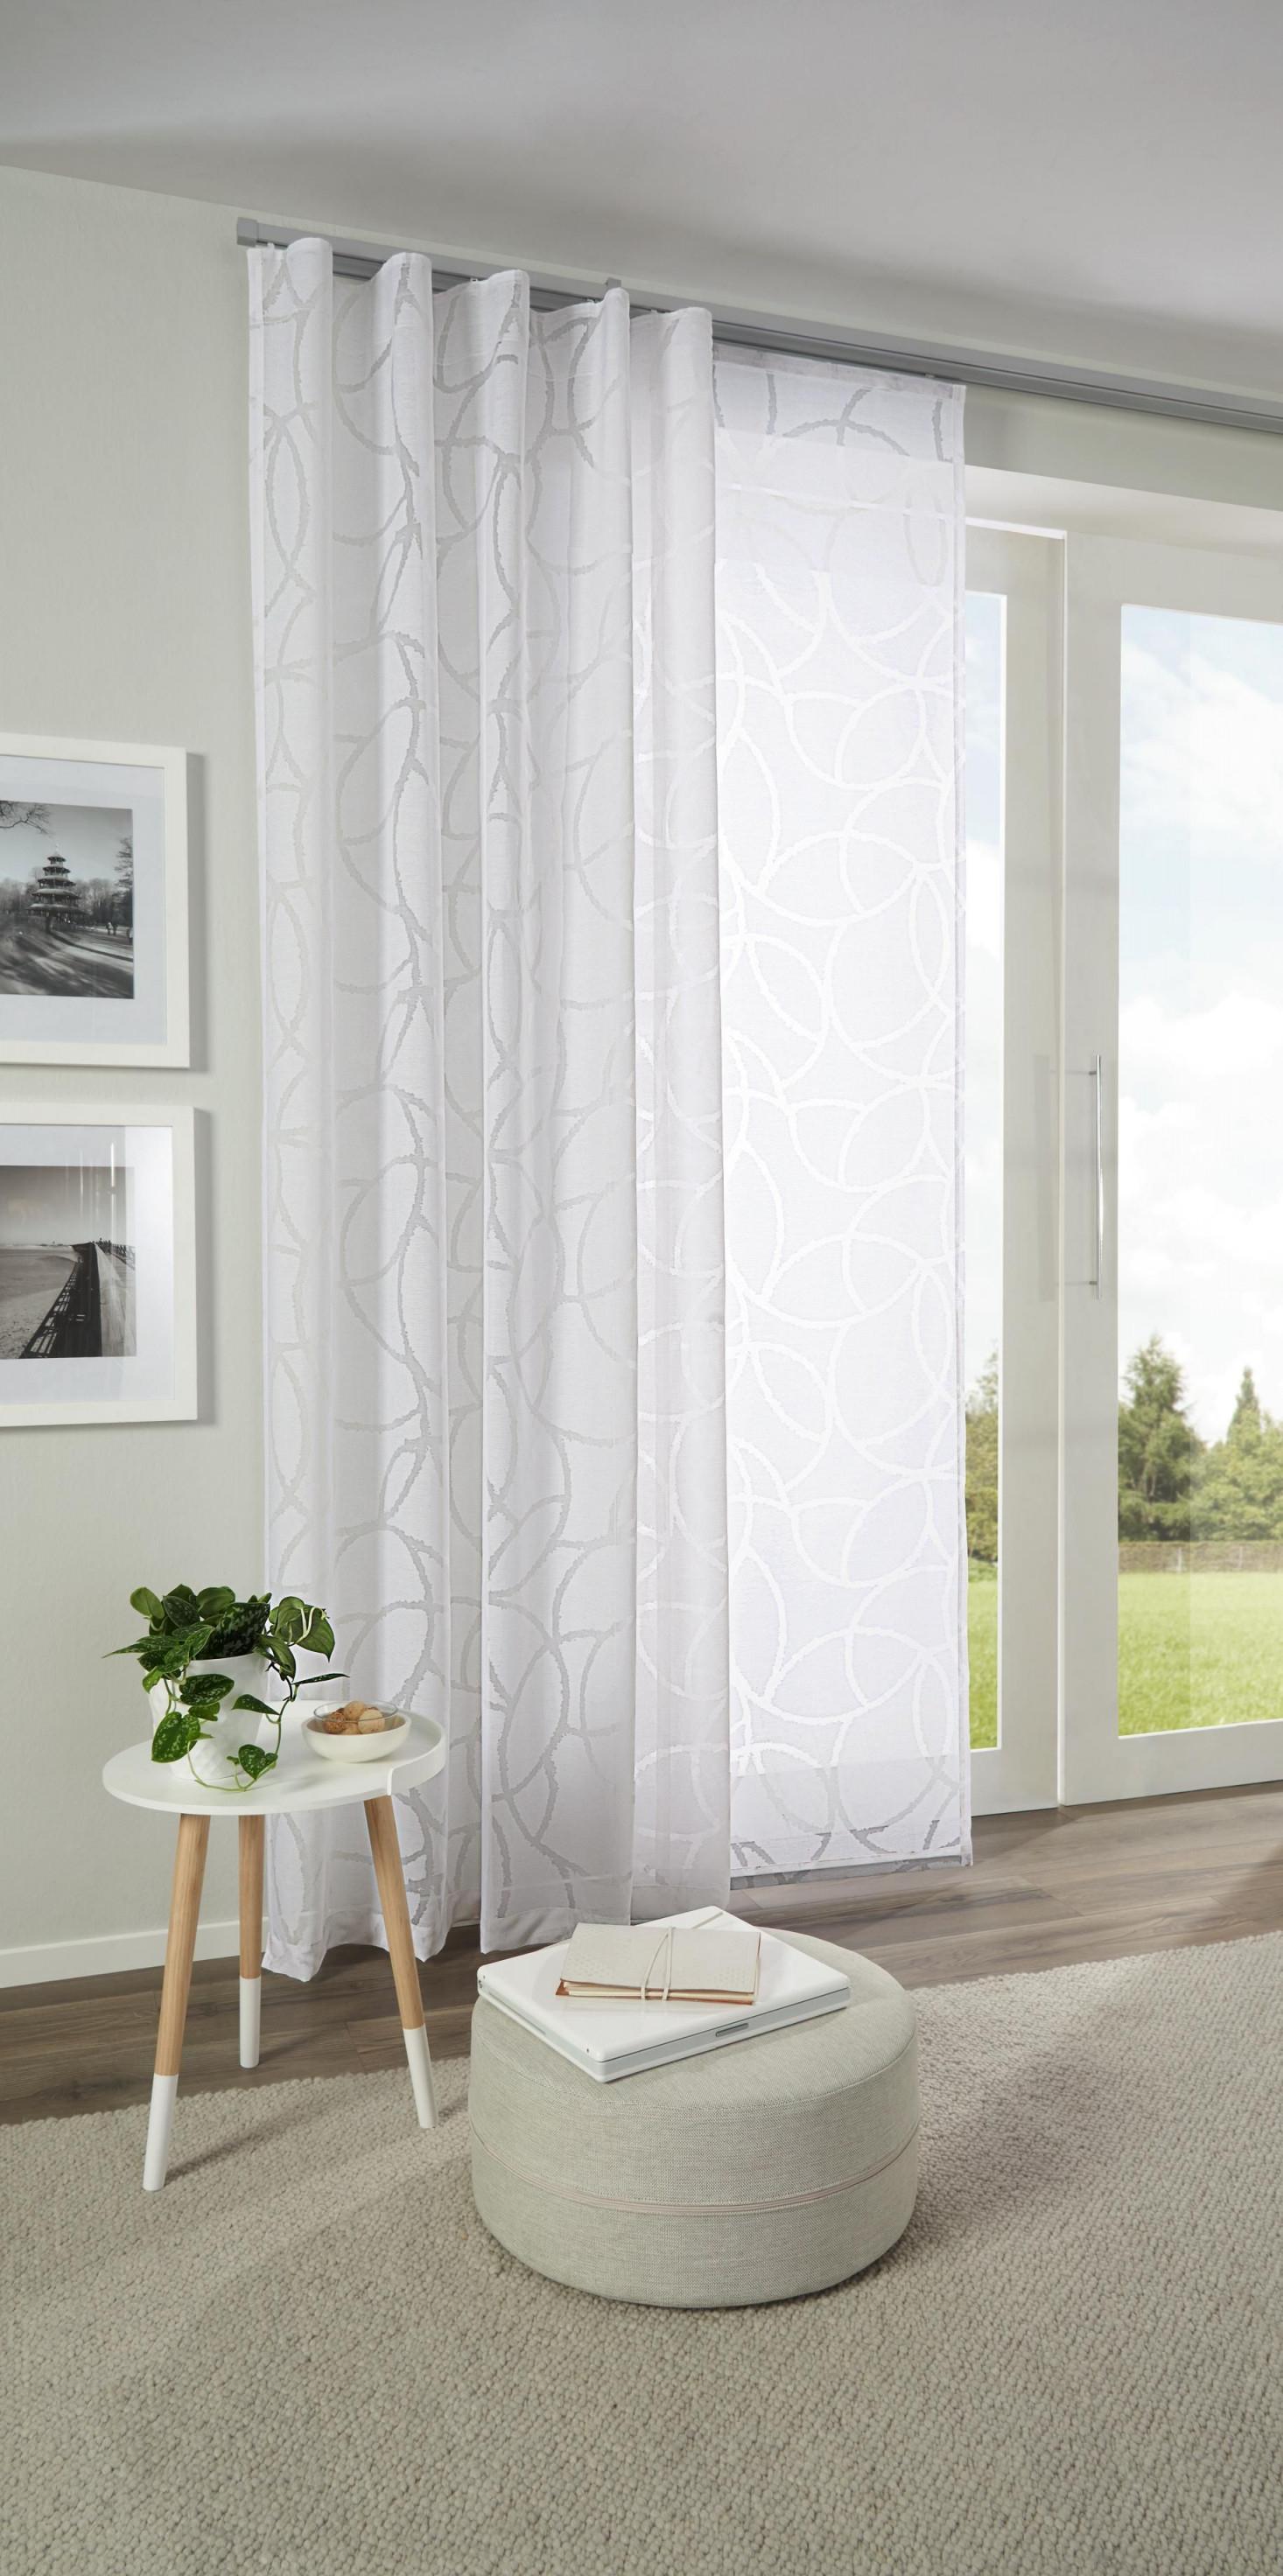 Hübscher Vorhang Mit Zartem Muster In Weiß Von Esposa von Gardinen Wohnzimmer Modern Weiß Bild